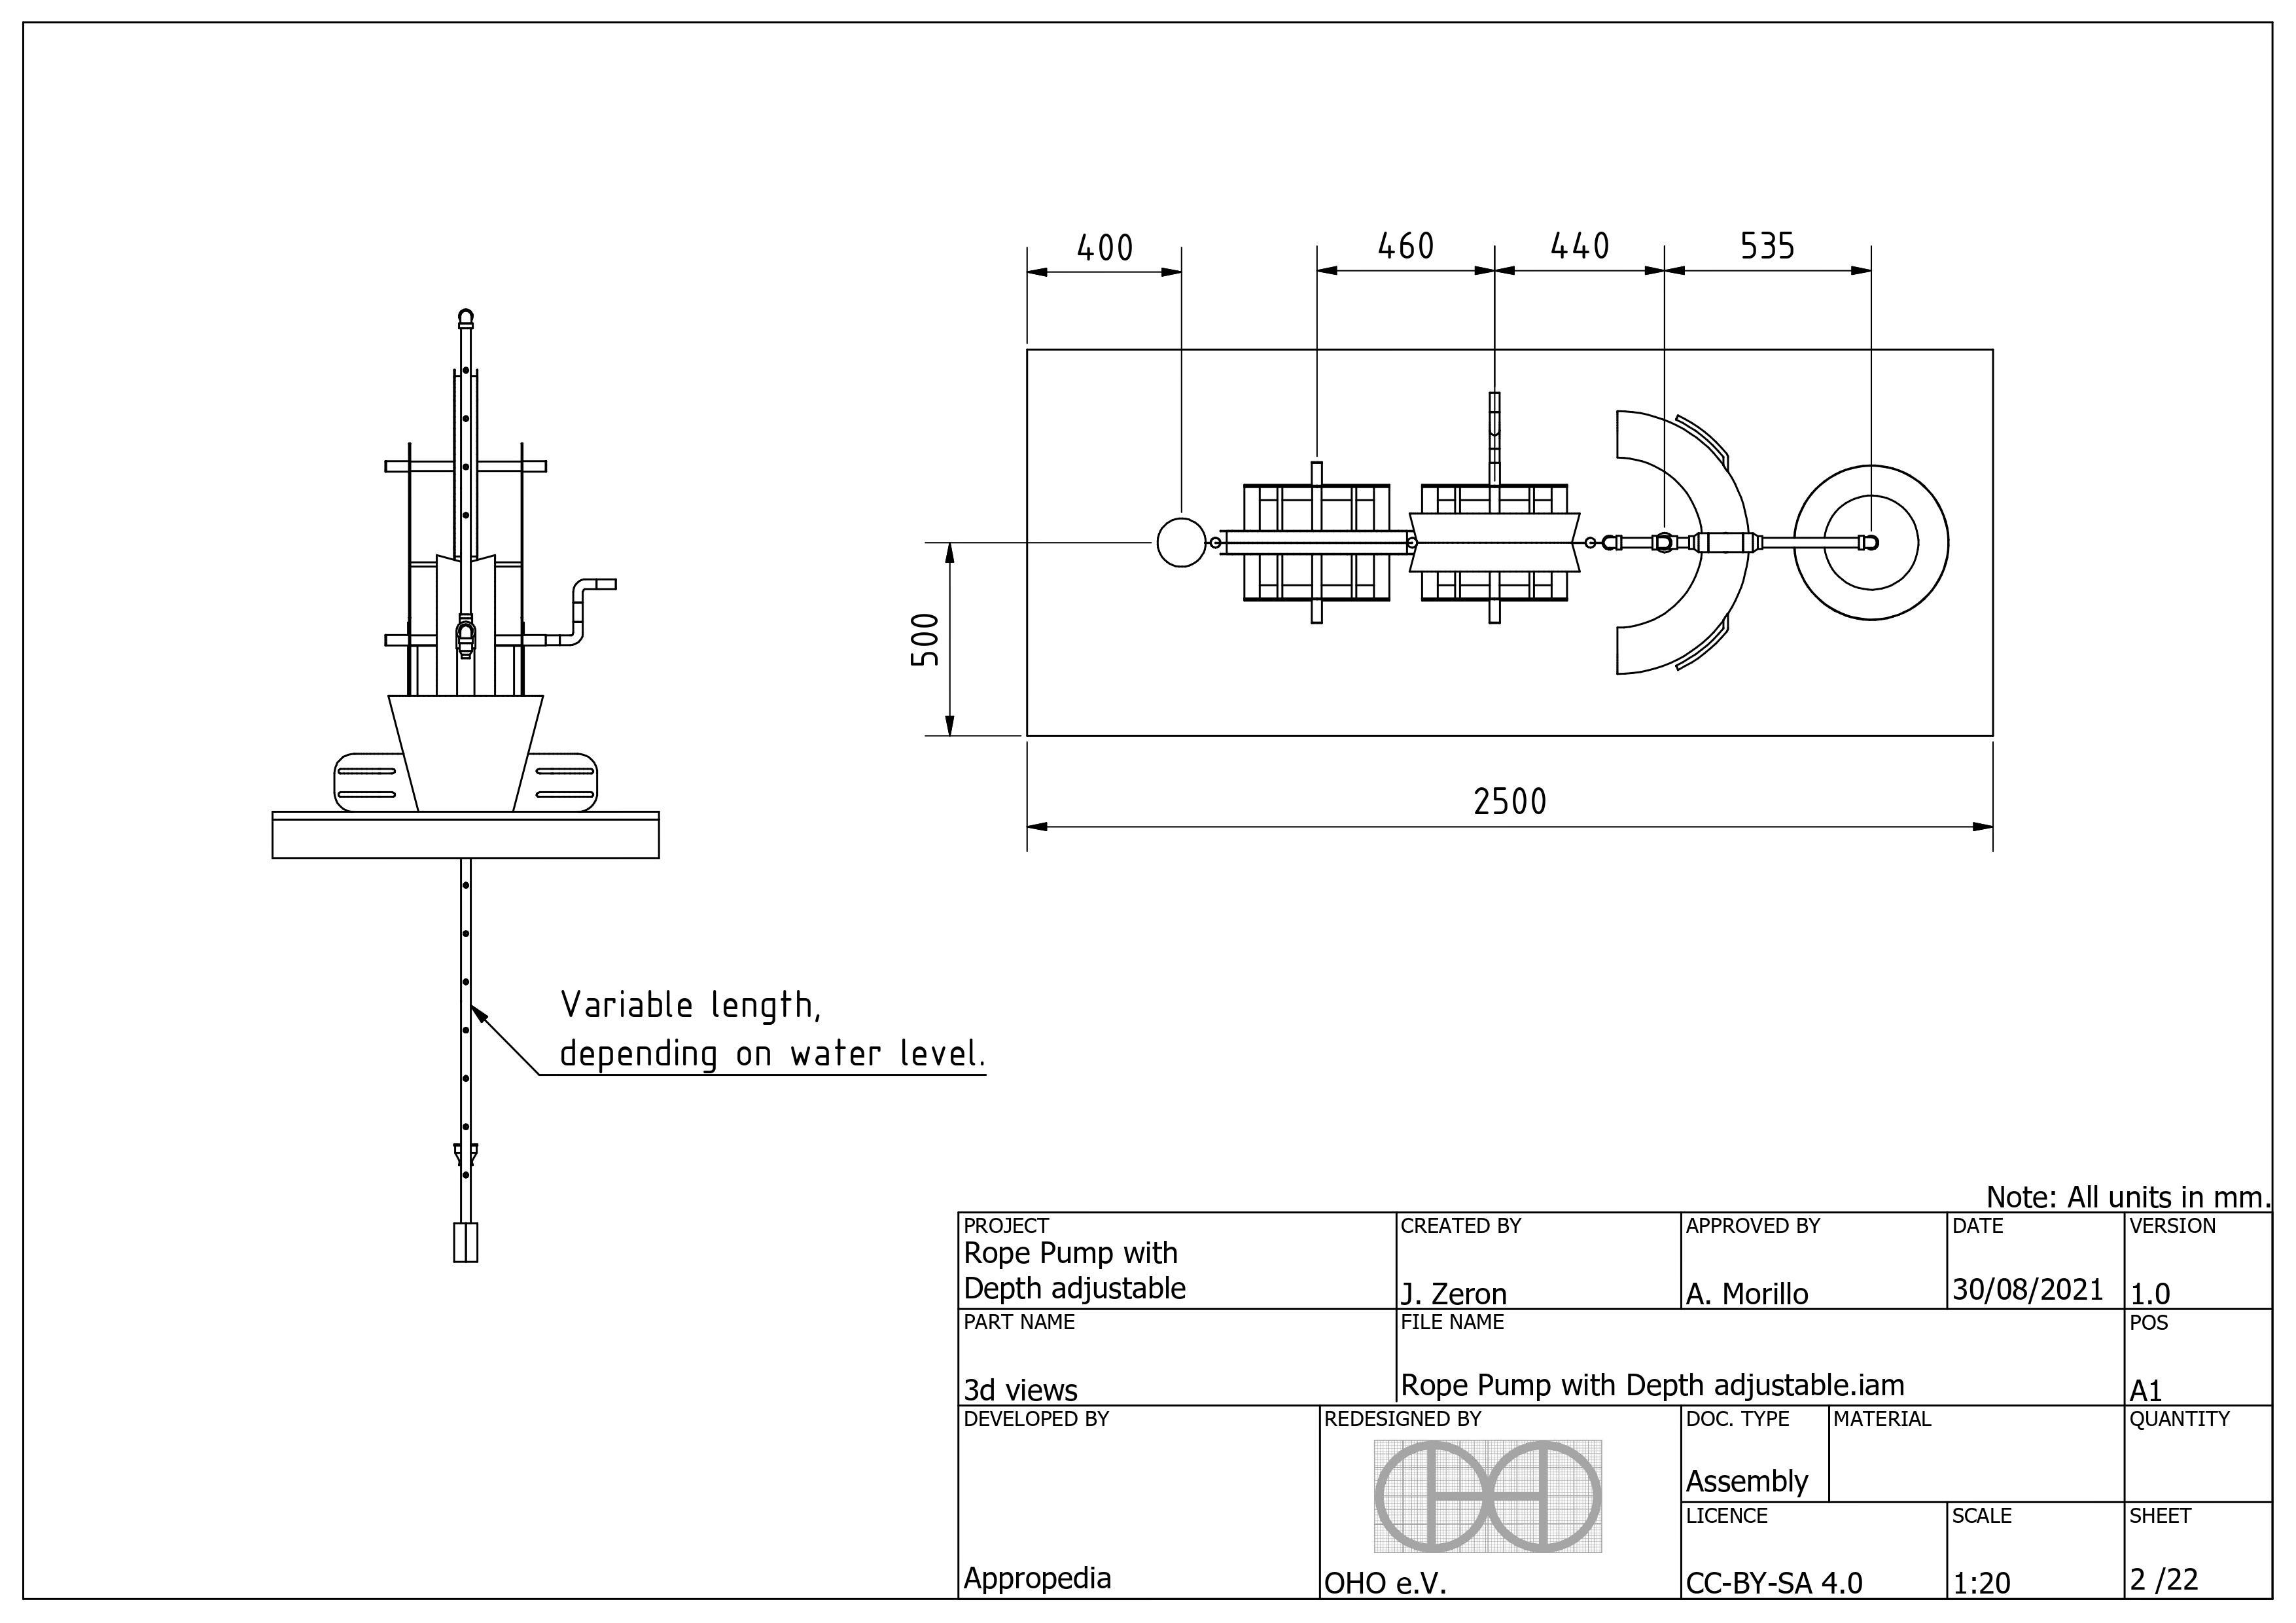 App rpwda rope-pump-with-depth-adjustable 0002.jpg